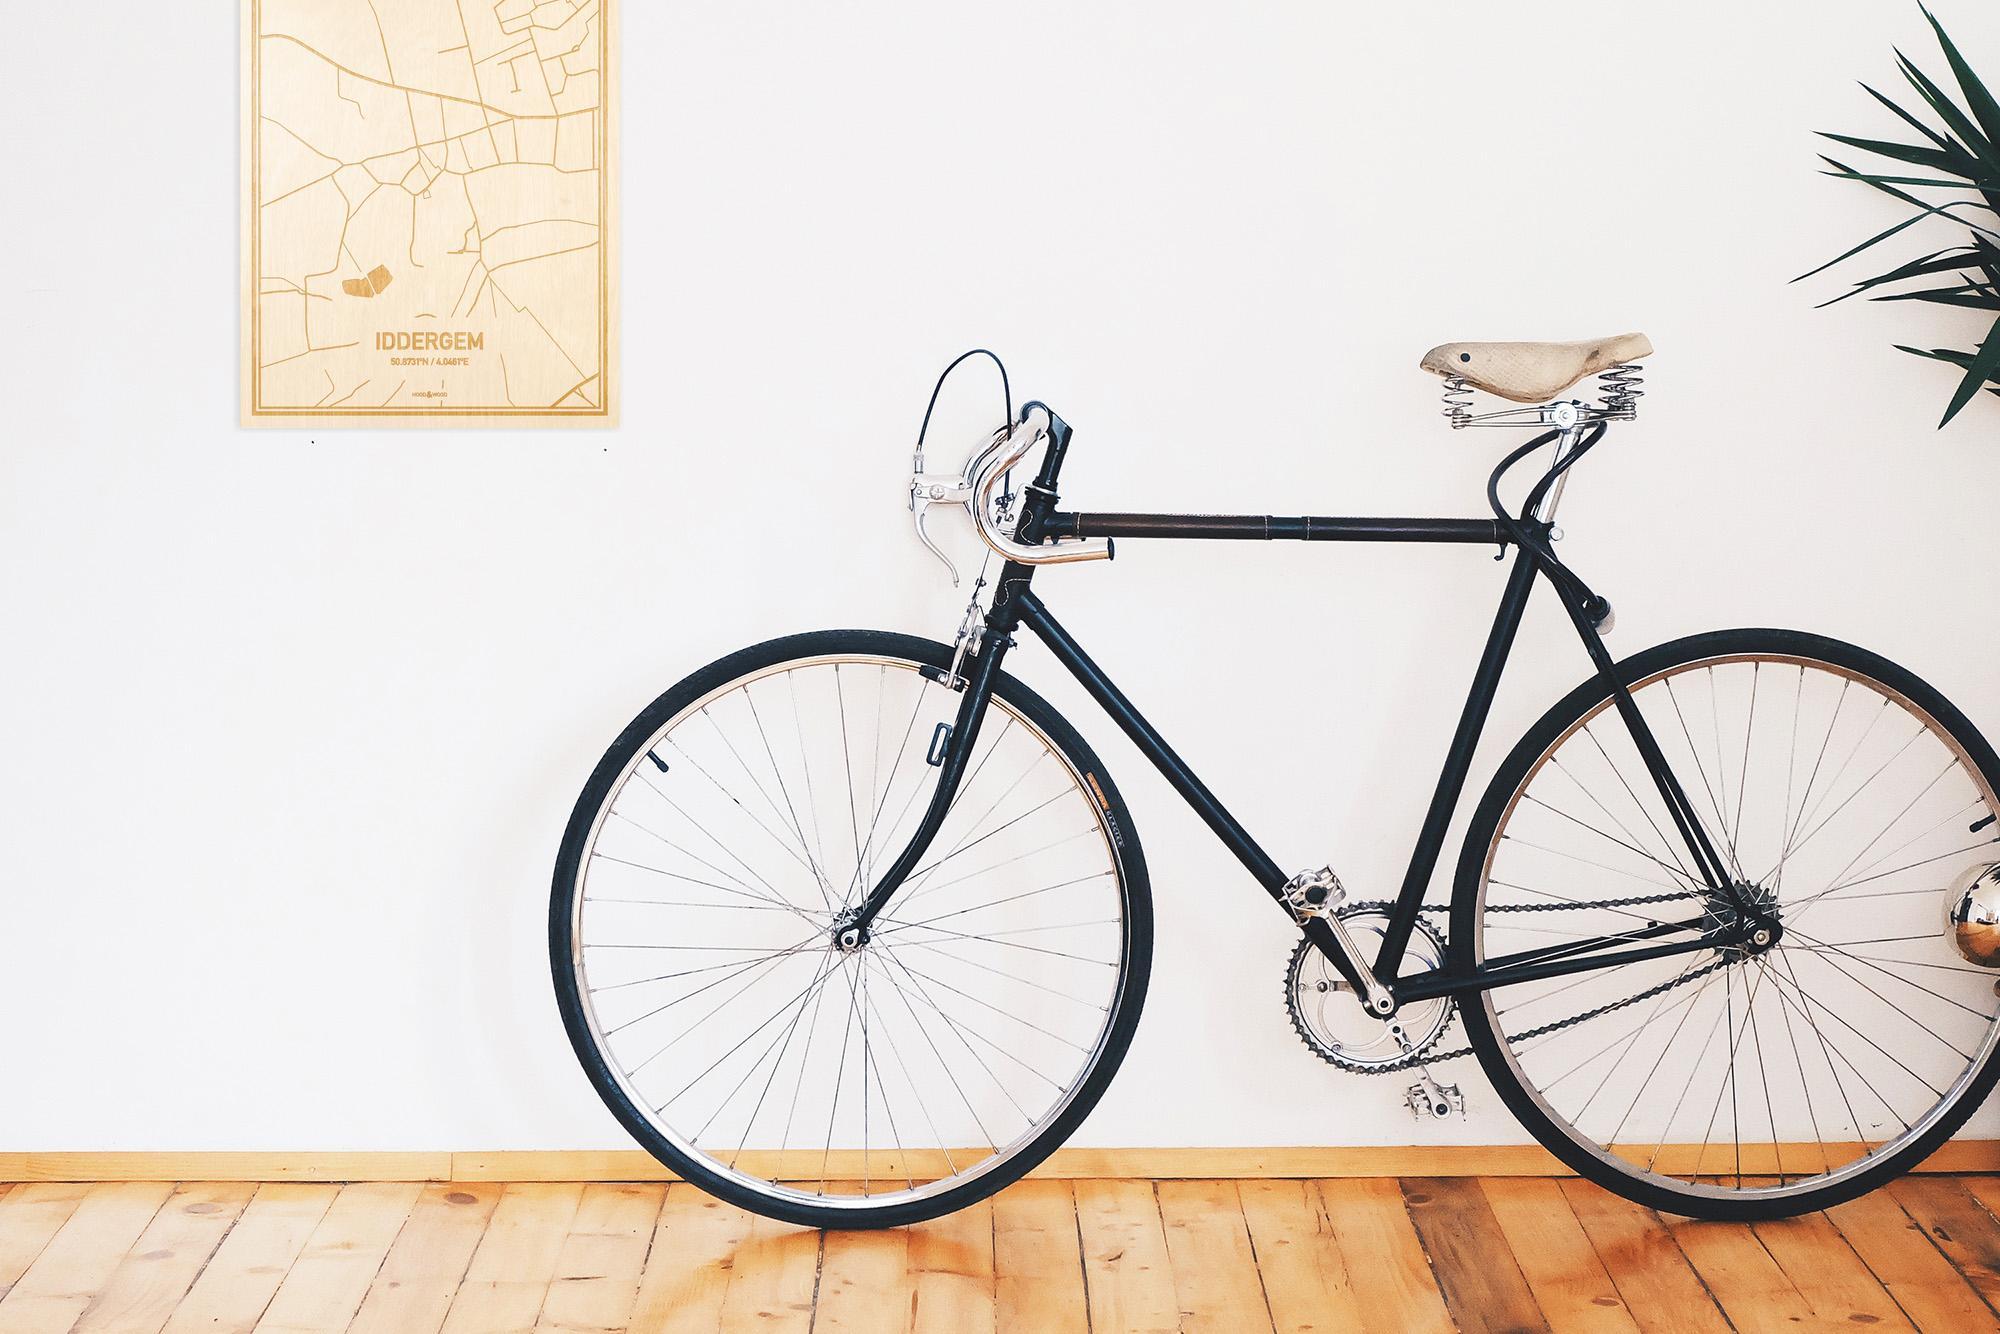 Een snelle fiets in een uniek interieur in Oost-Vlaanderen  met mooie decoratie zoals de plattegrond Iddergem.